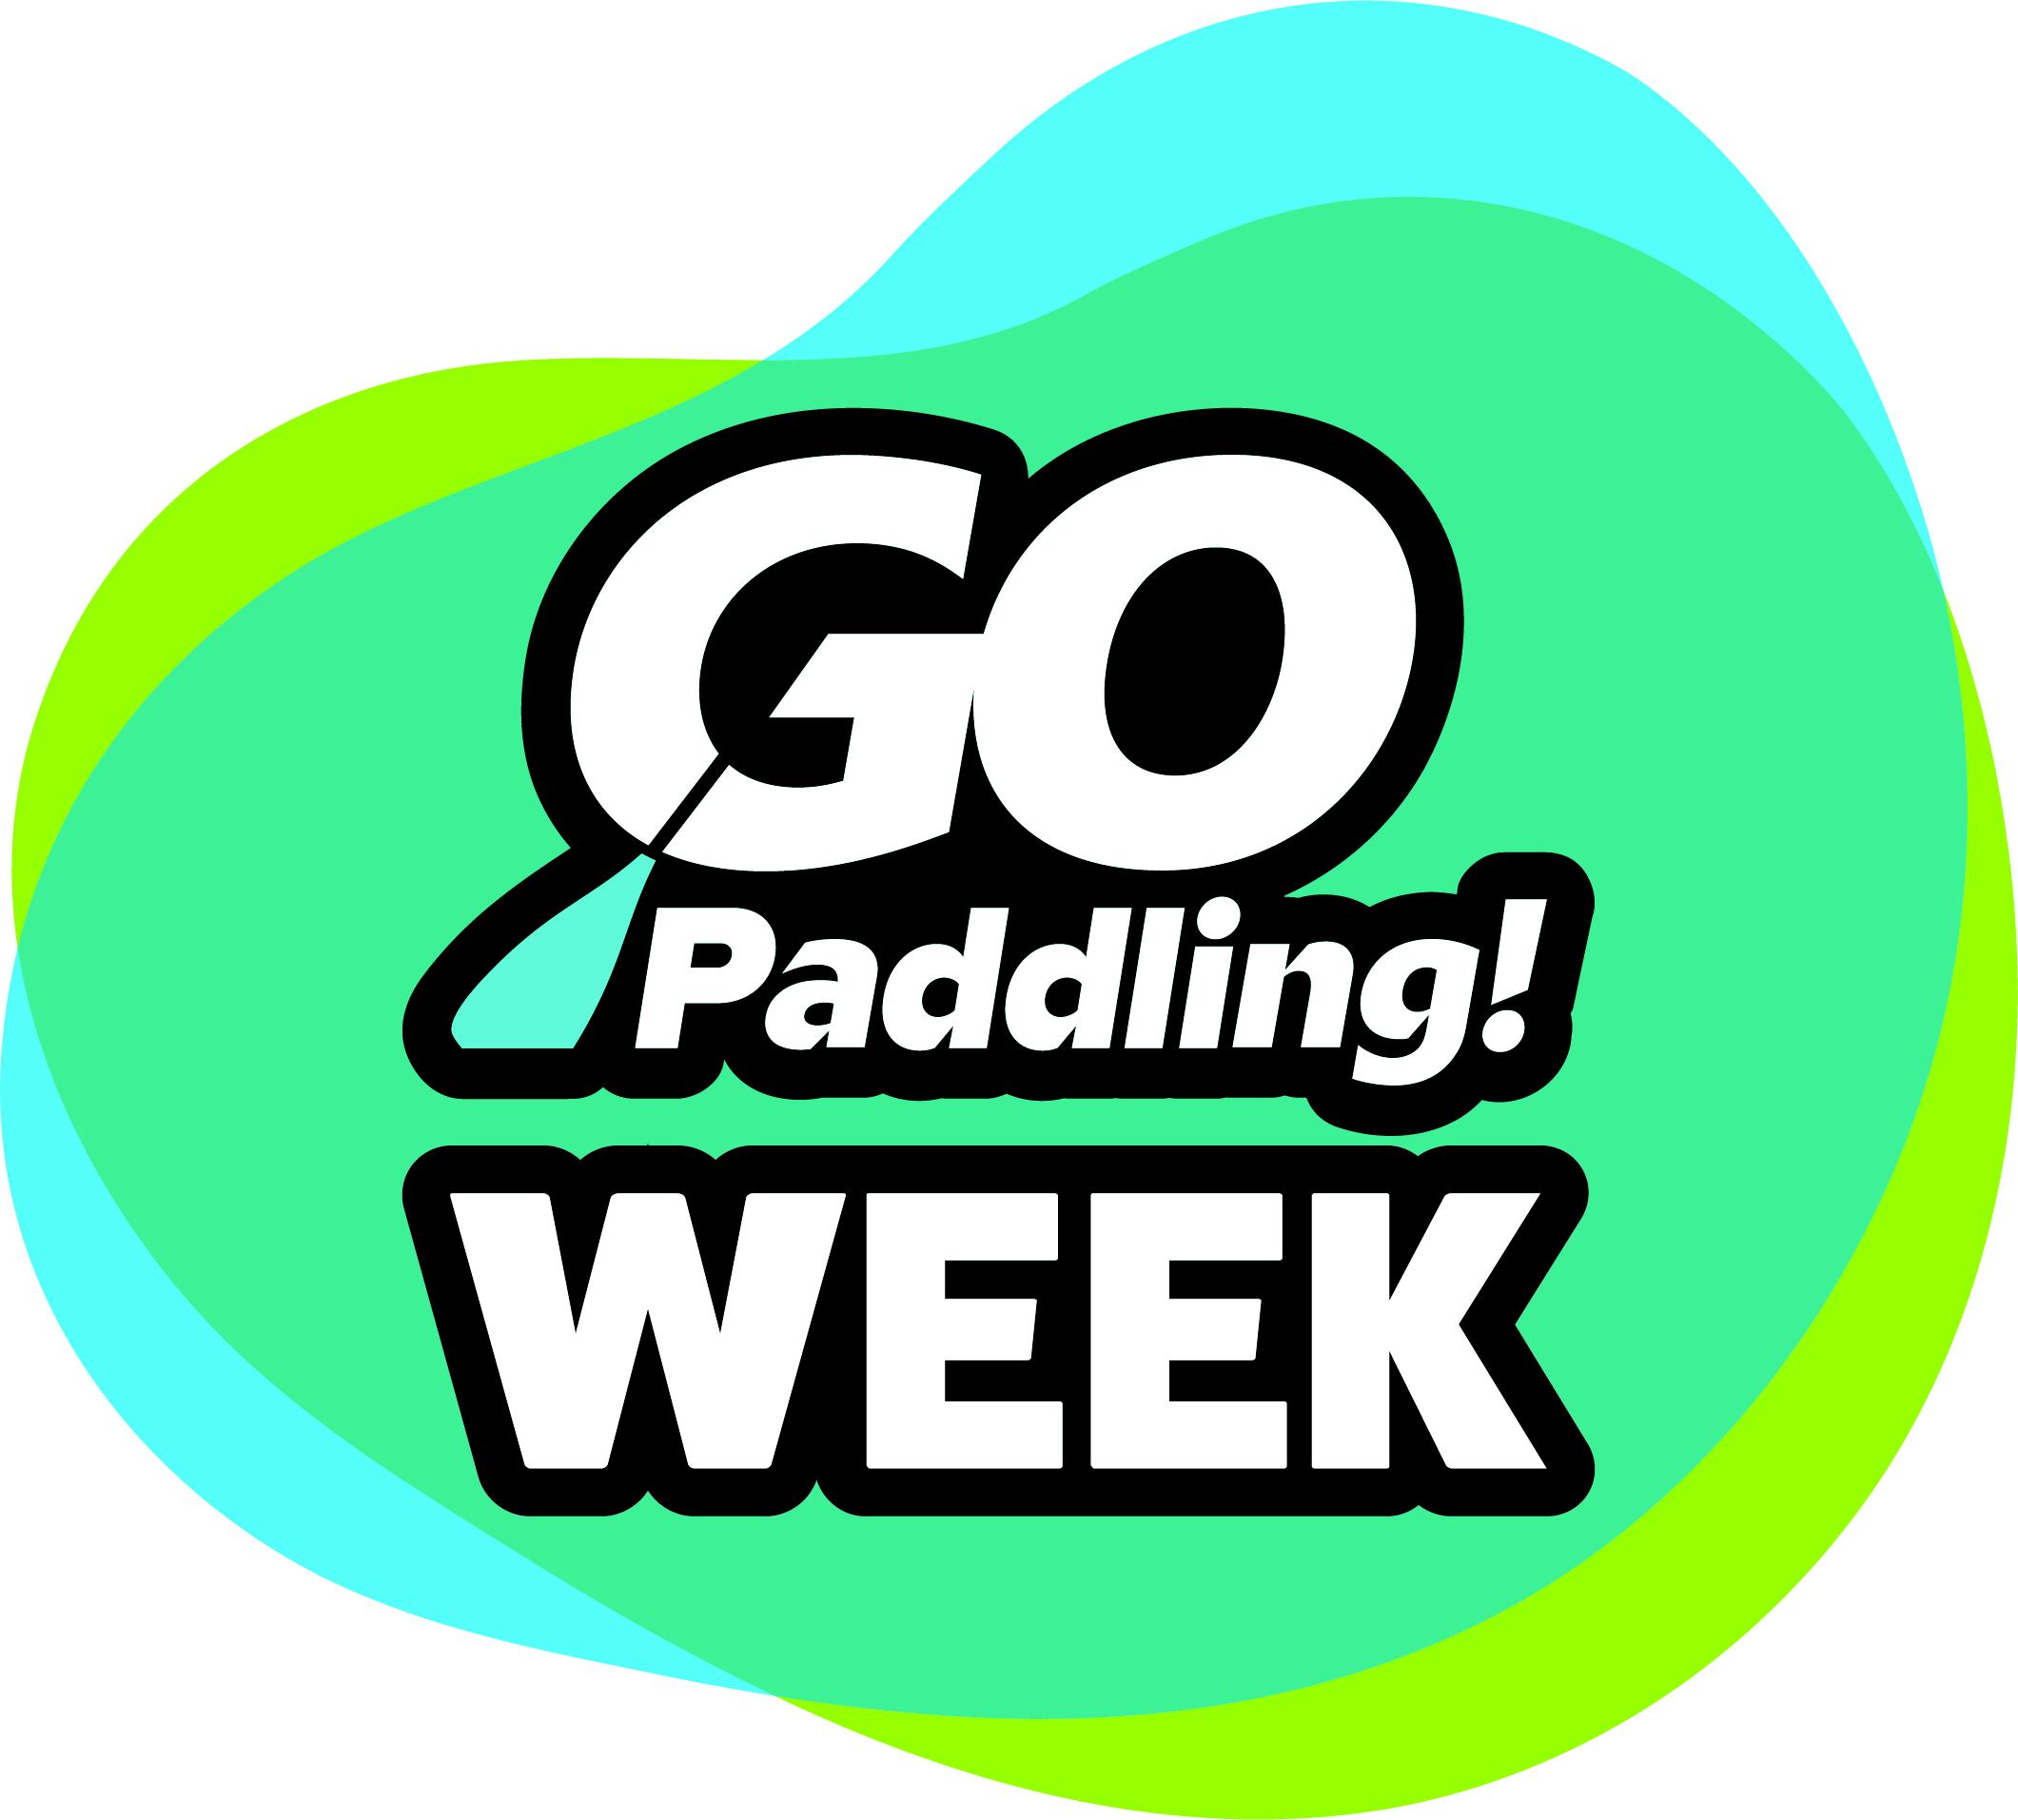 Go_Paddling_Week_Logo_Full_Colour.jpg